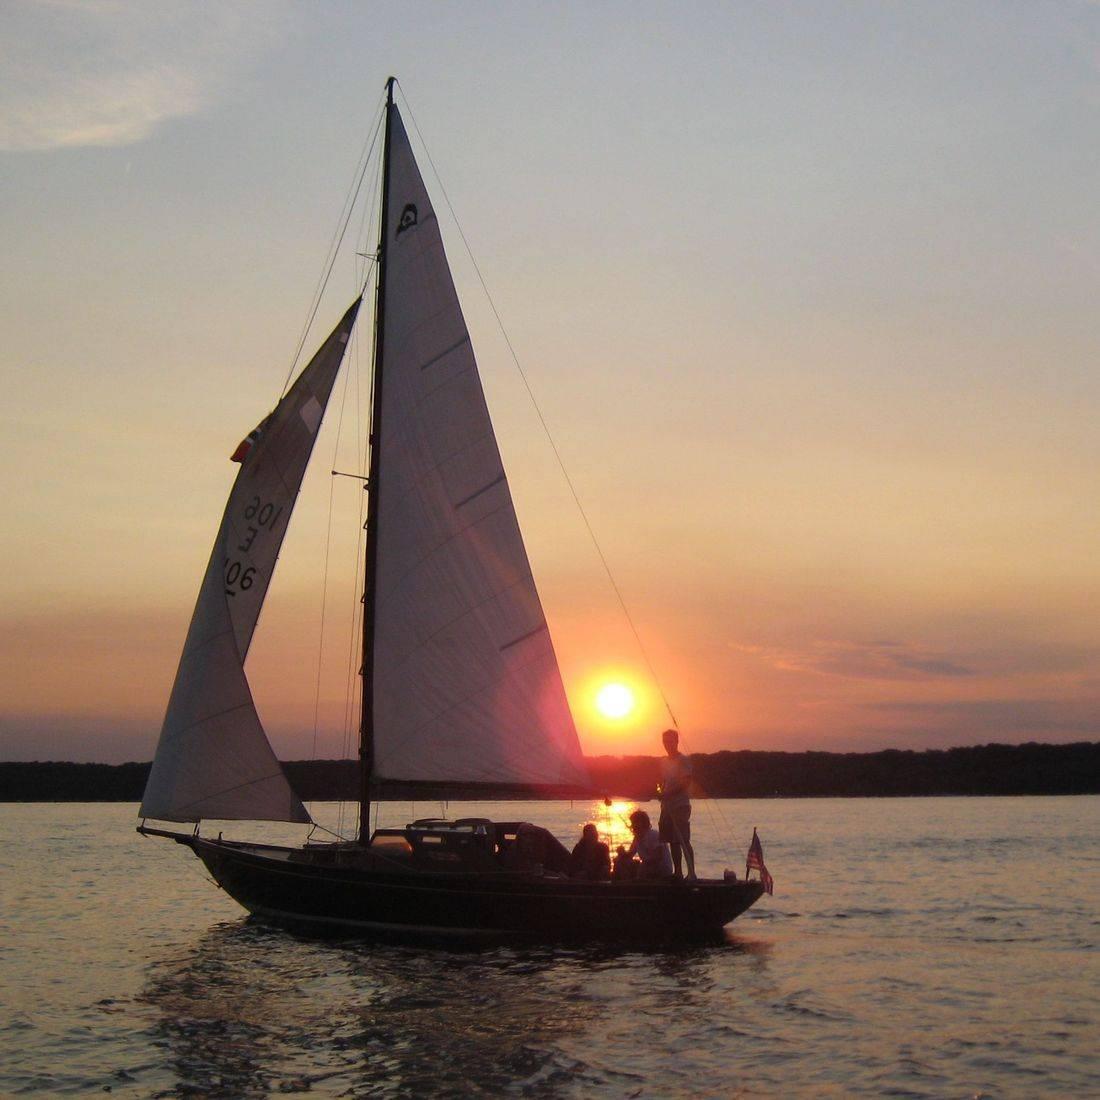 King's Cruiser wooden sailboat on Lake Geneva